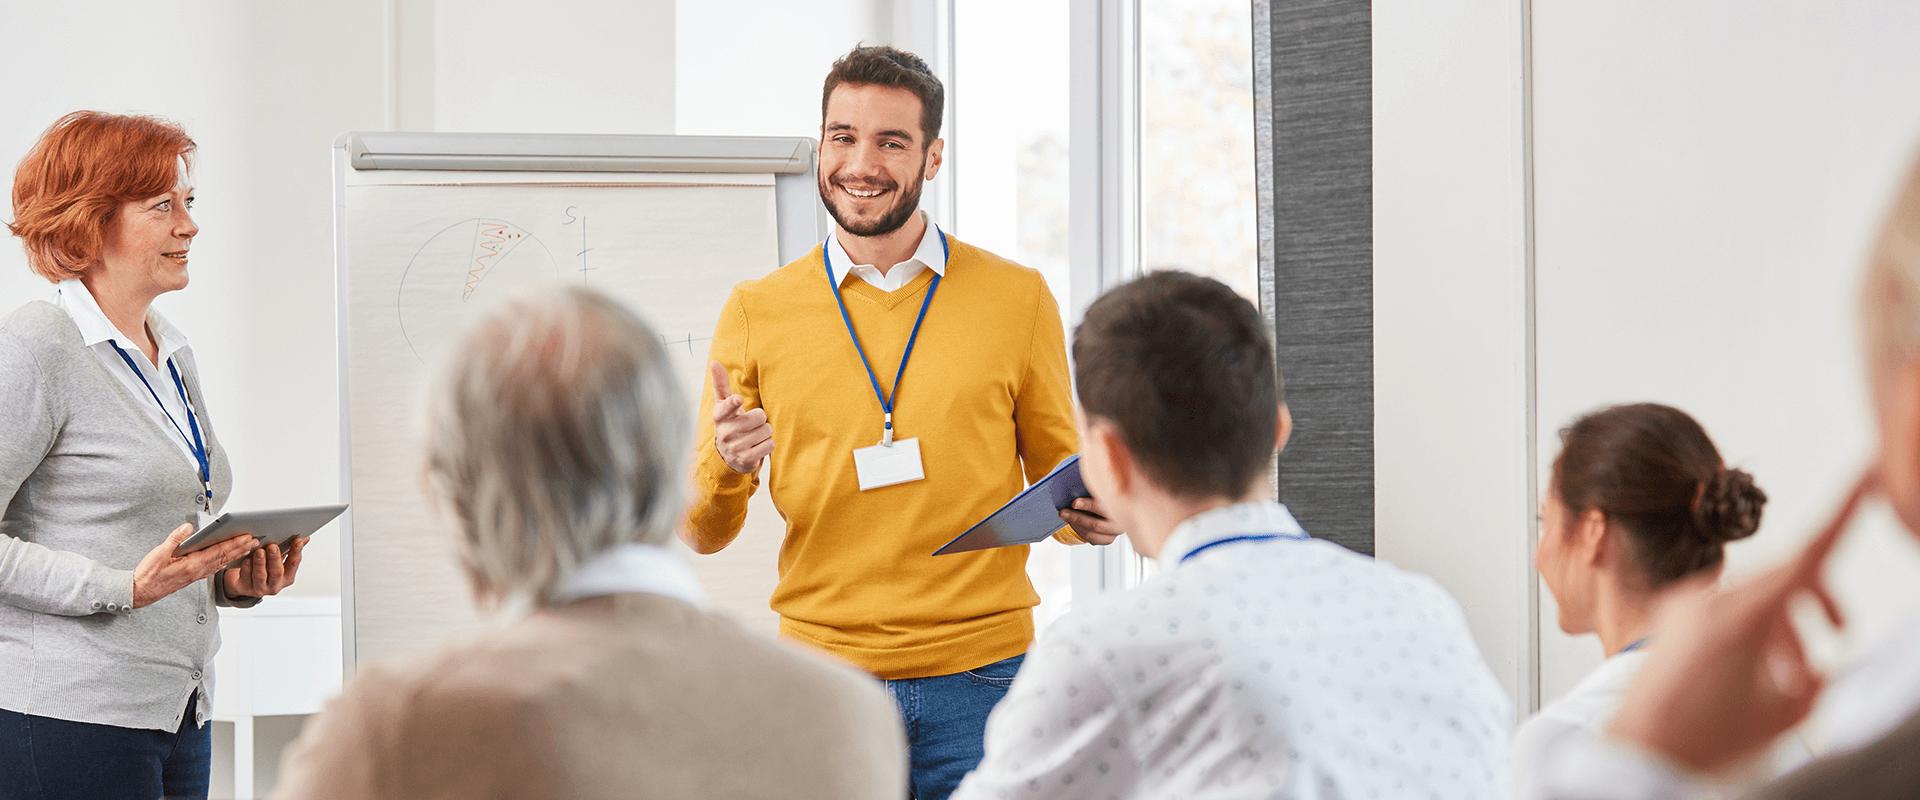 Mehrere Personen im Seminarraum, ein Mann steht vor dem Flipchart und führt eine Diskussion mit weiteren Teilnehmern.